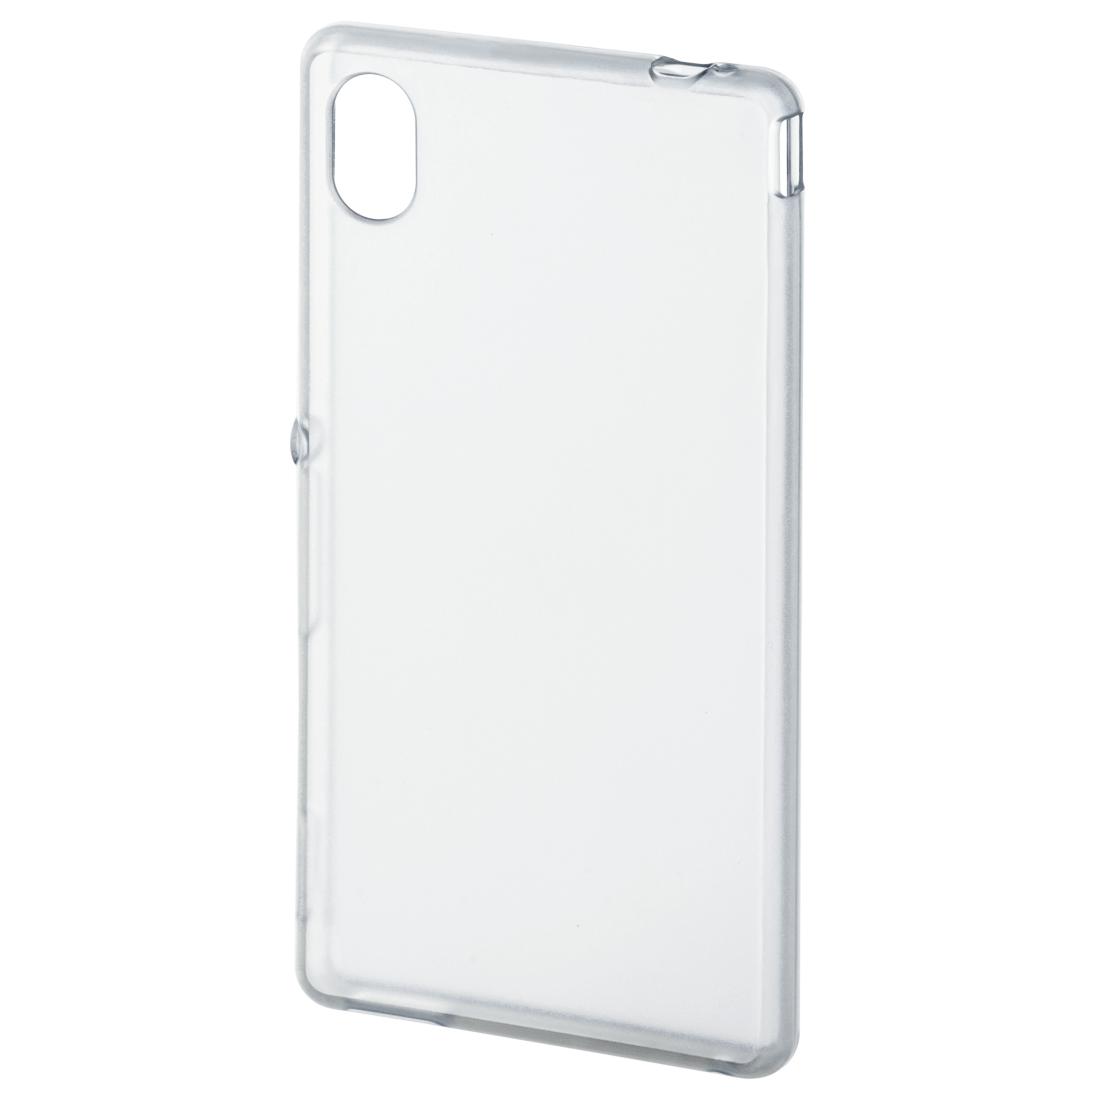 00135428 Hama Crystal Cover For Sony Xperia M4 Aqua Transparent